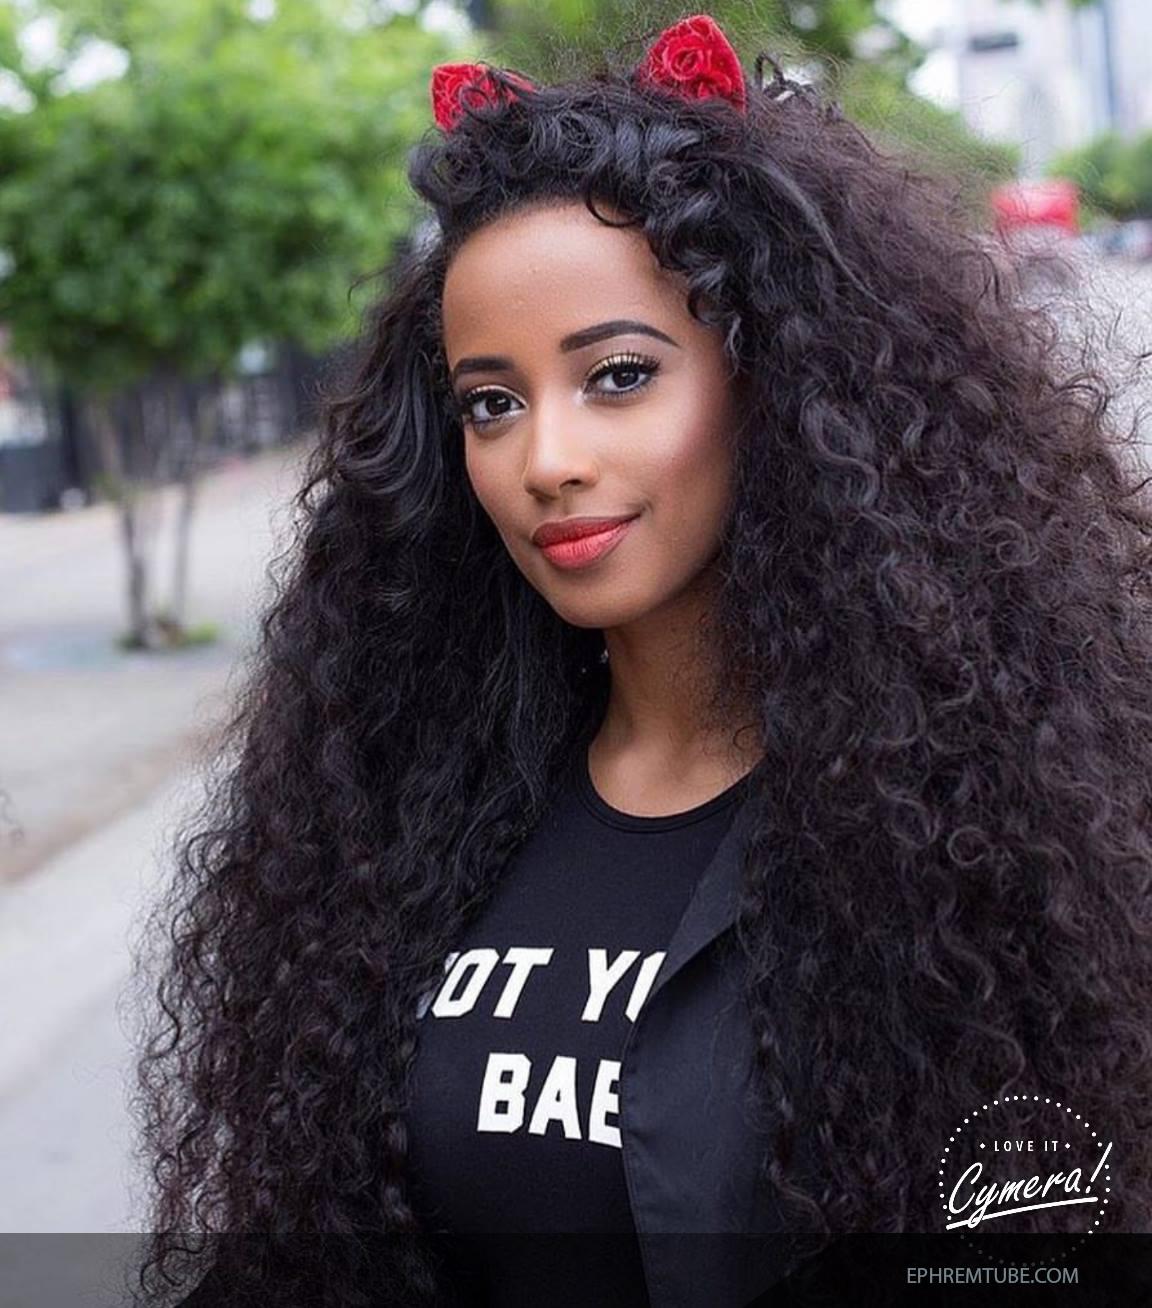 ethiopian sex neeked girl pic